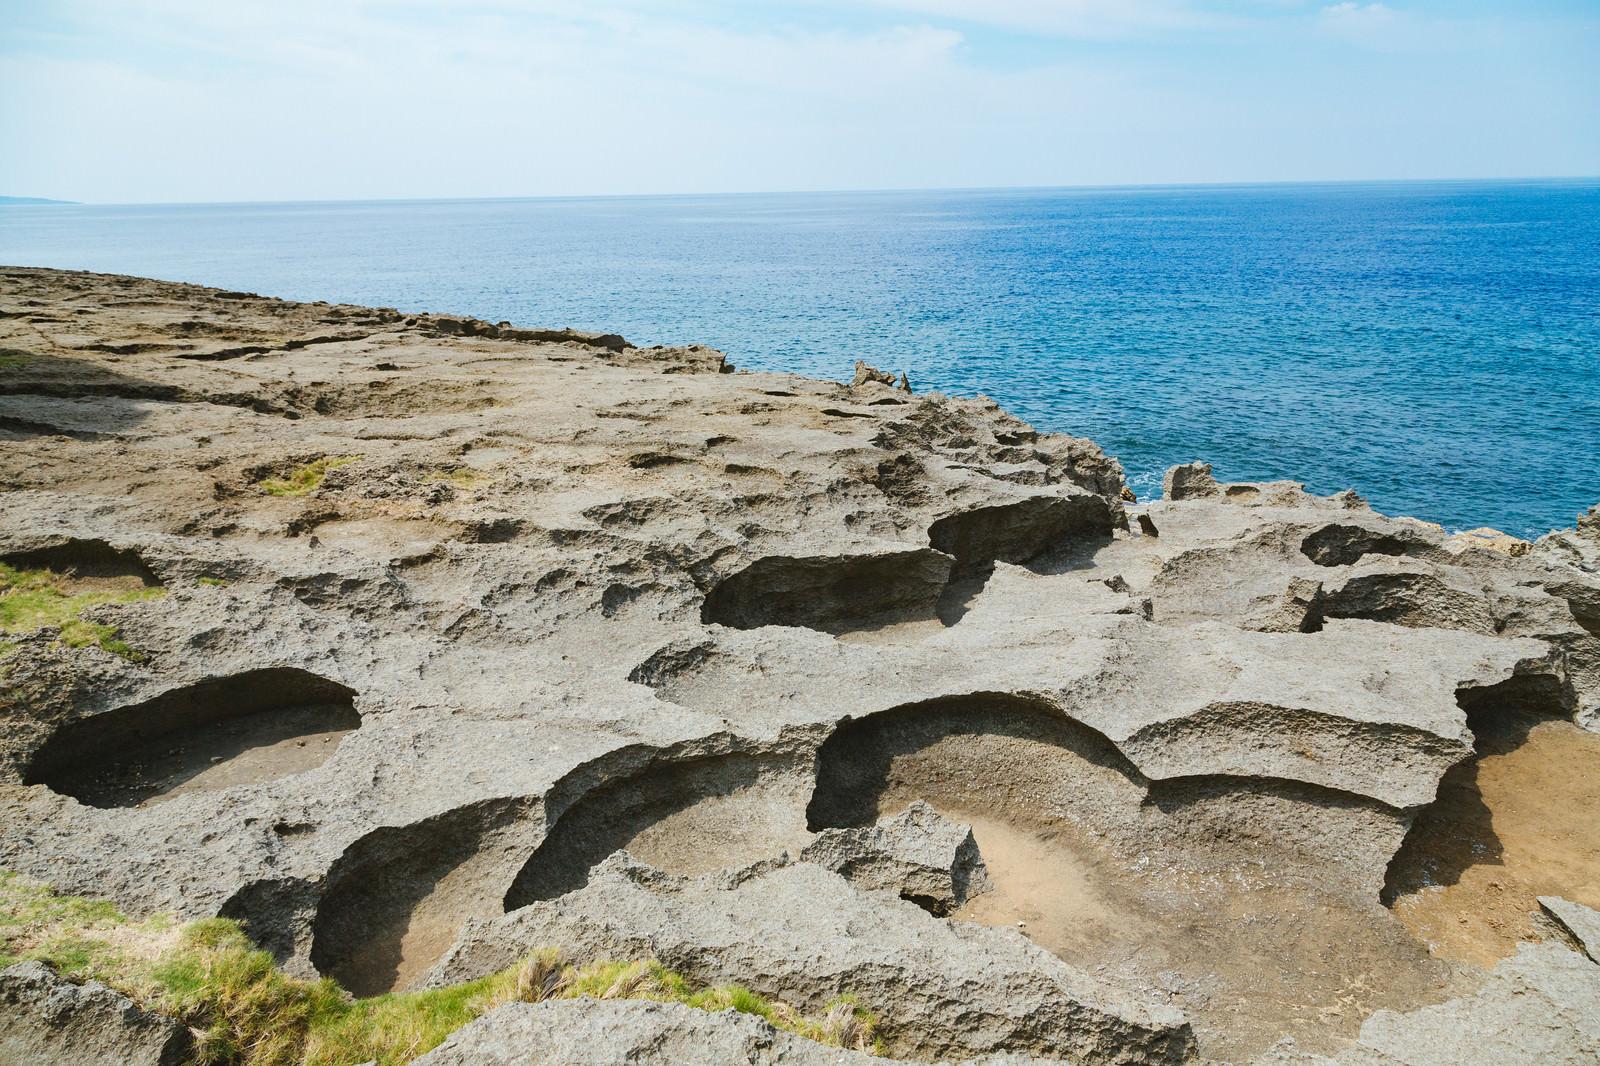 「犬の門蓋の削られた隆起サンゴ礁」の写真